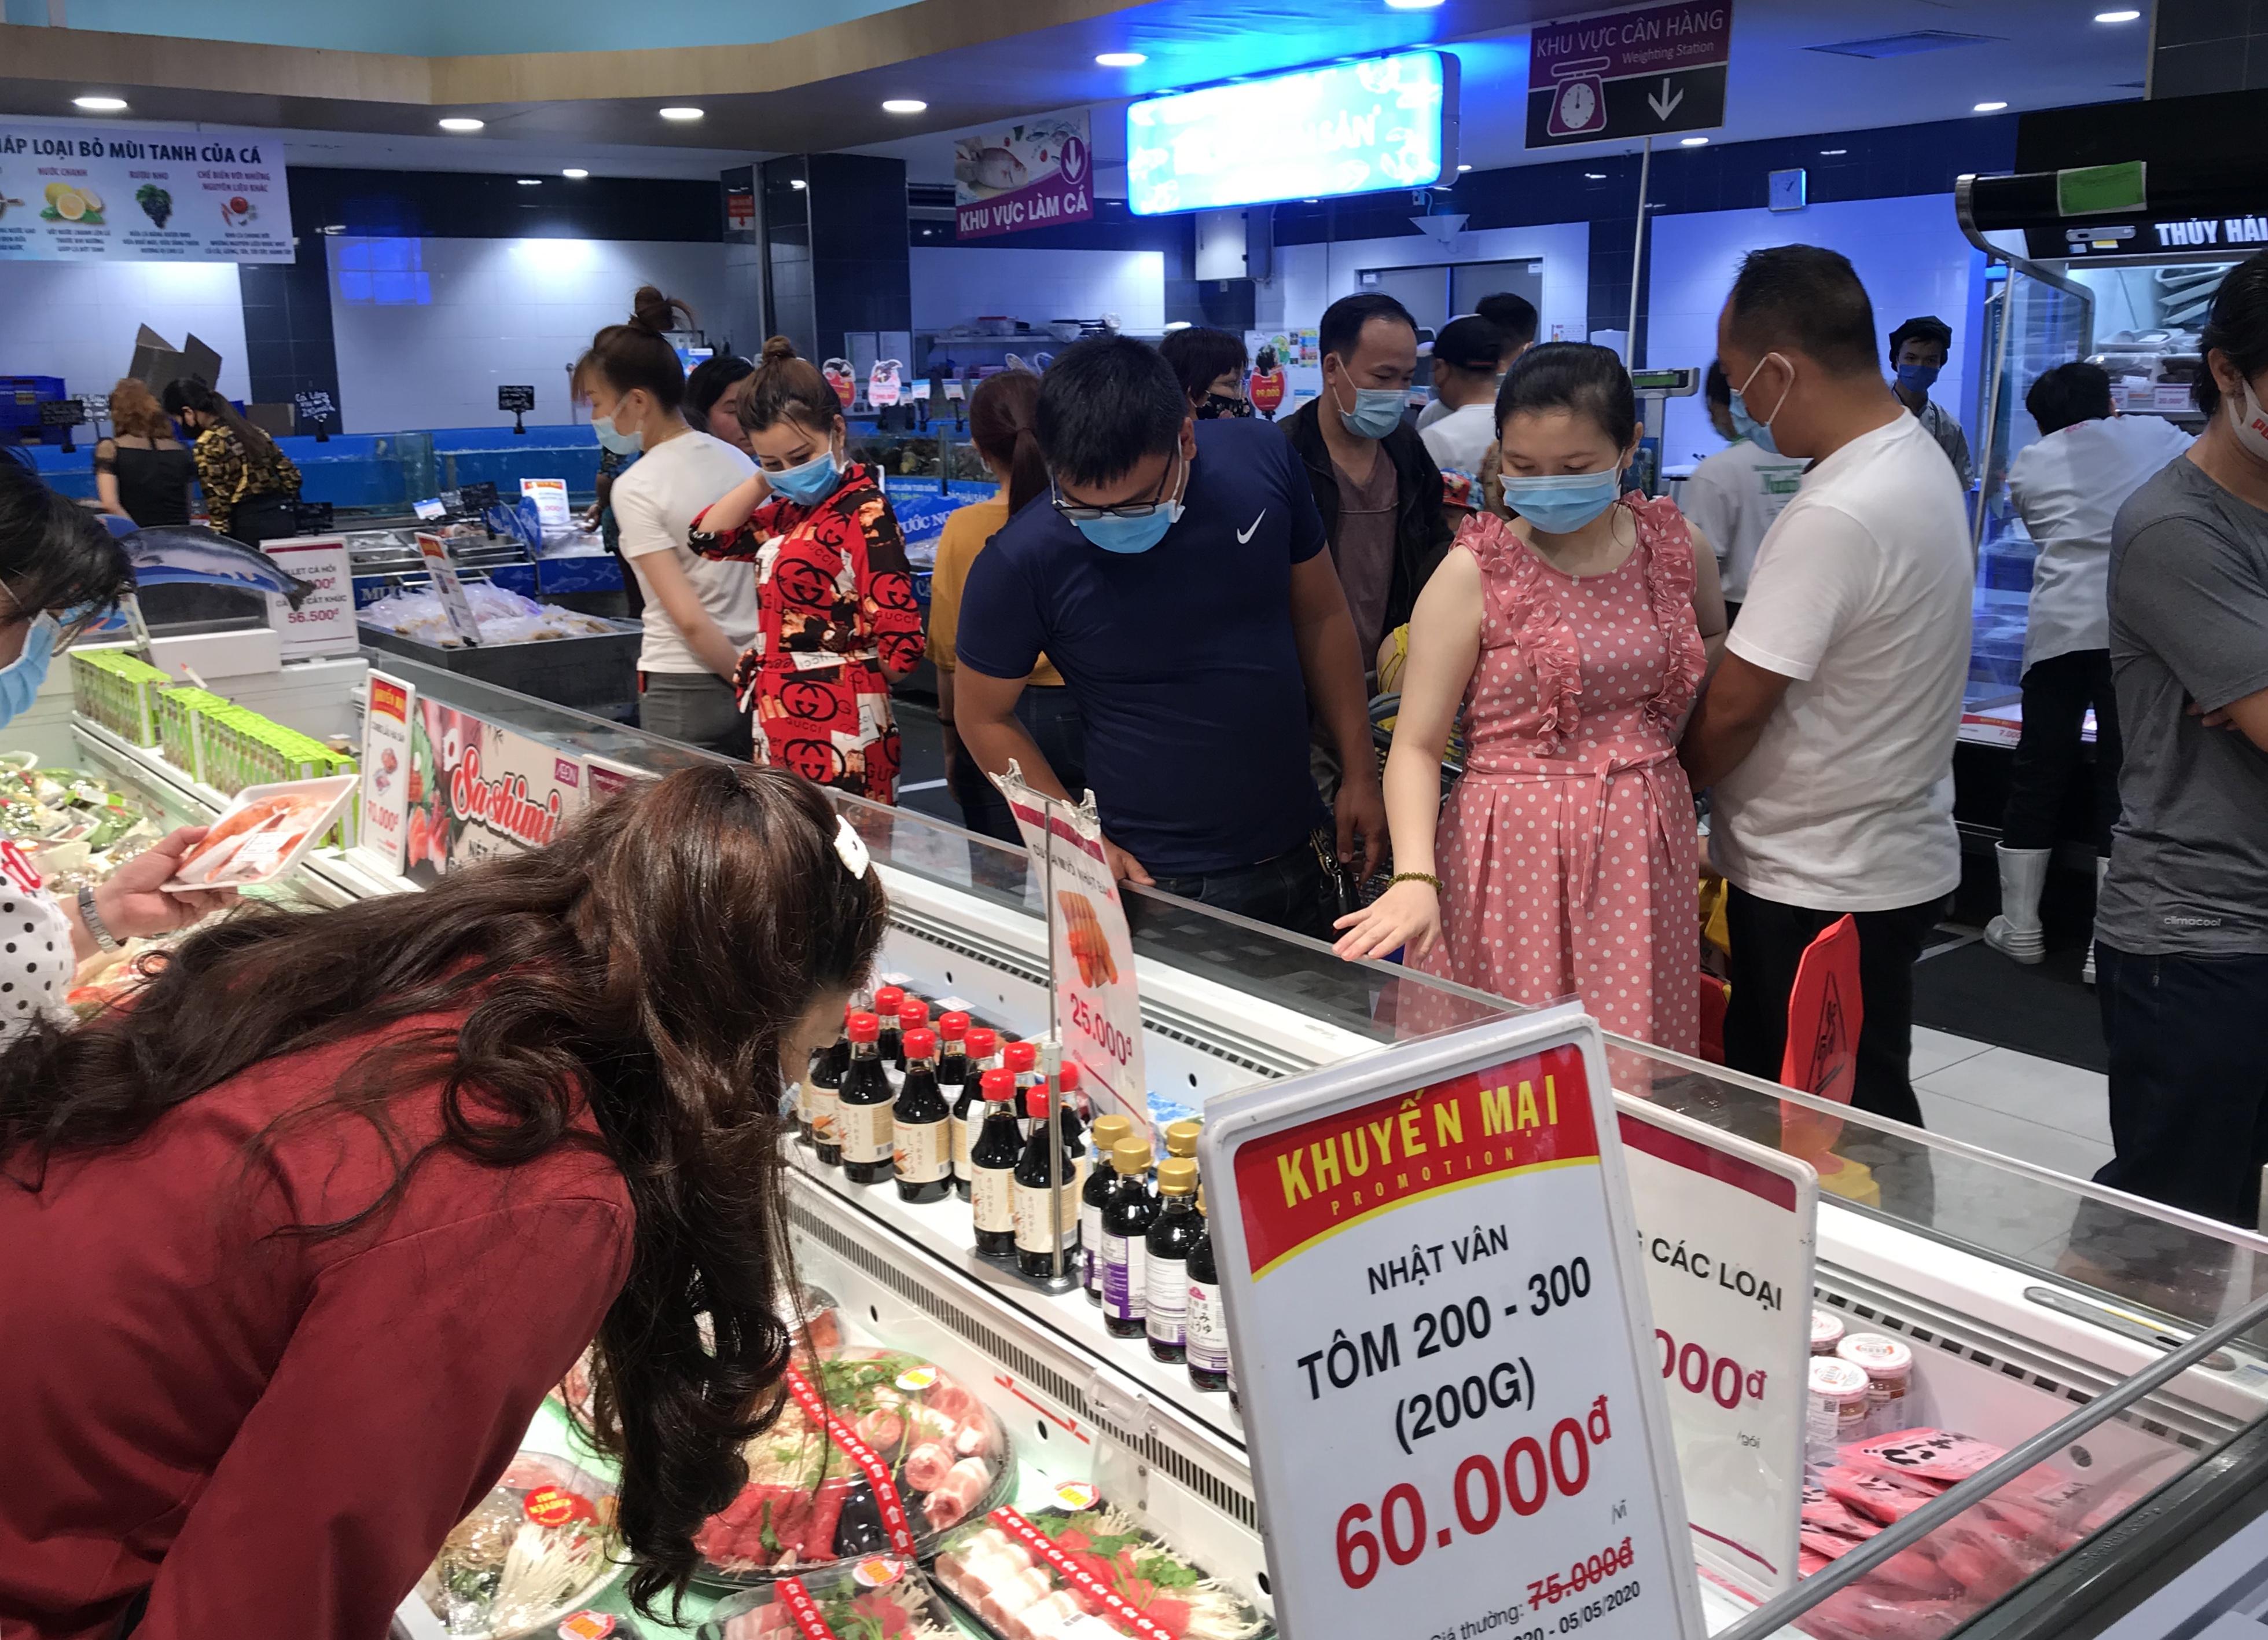 Siêu thị đông đúc cuối tuần, người Sài Gòn mua thịt heo, hải sản giảm giá đến 20.000-60.000 đồng/kg ăn lễ - Ảnh 5.